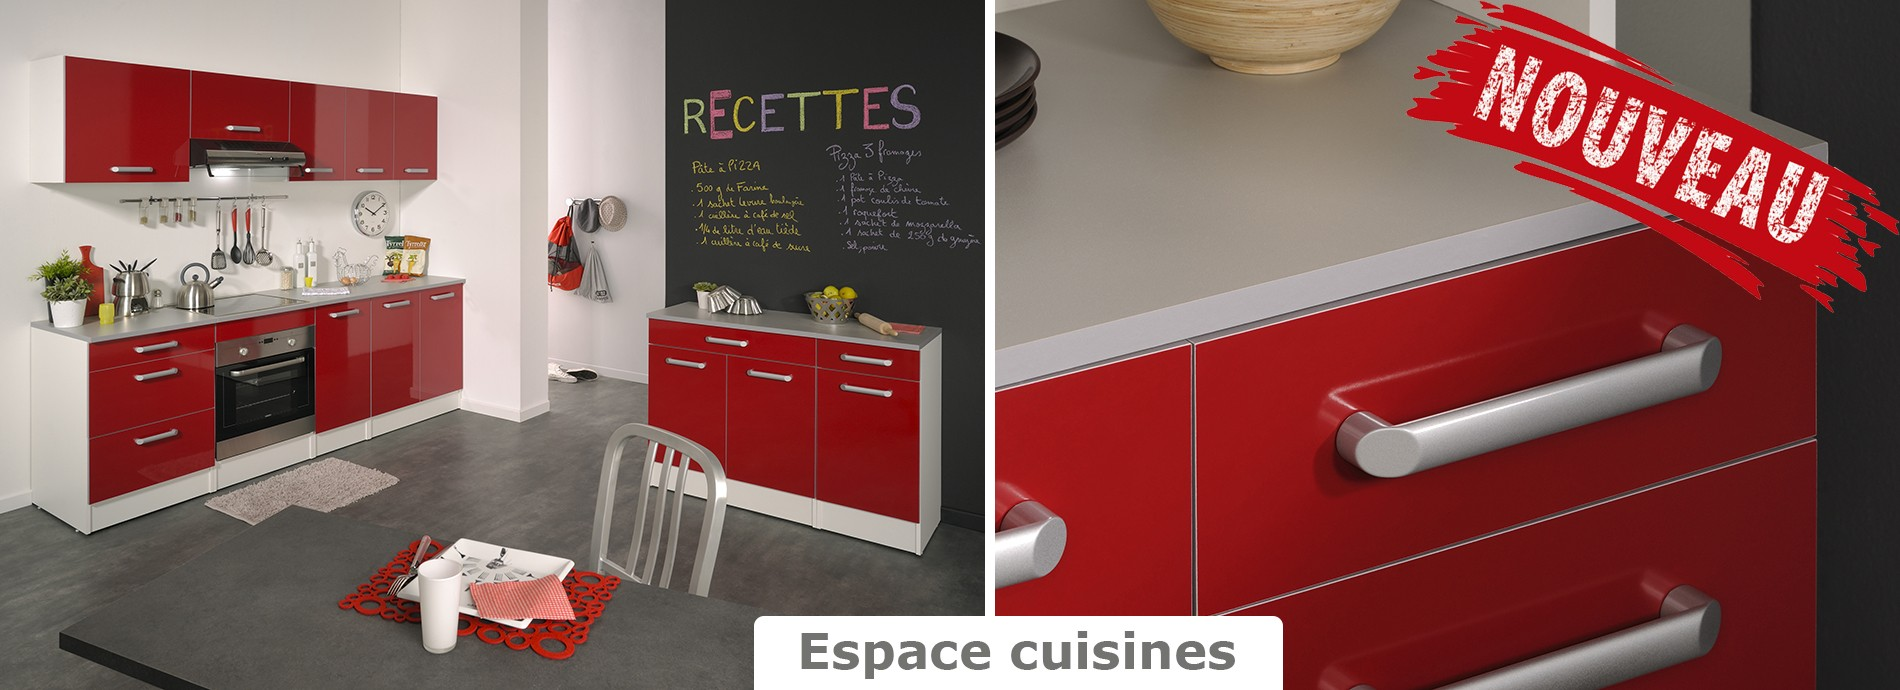 Nouvelle collection de cuisines de qualité fabriquées en France